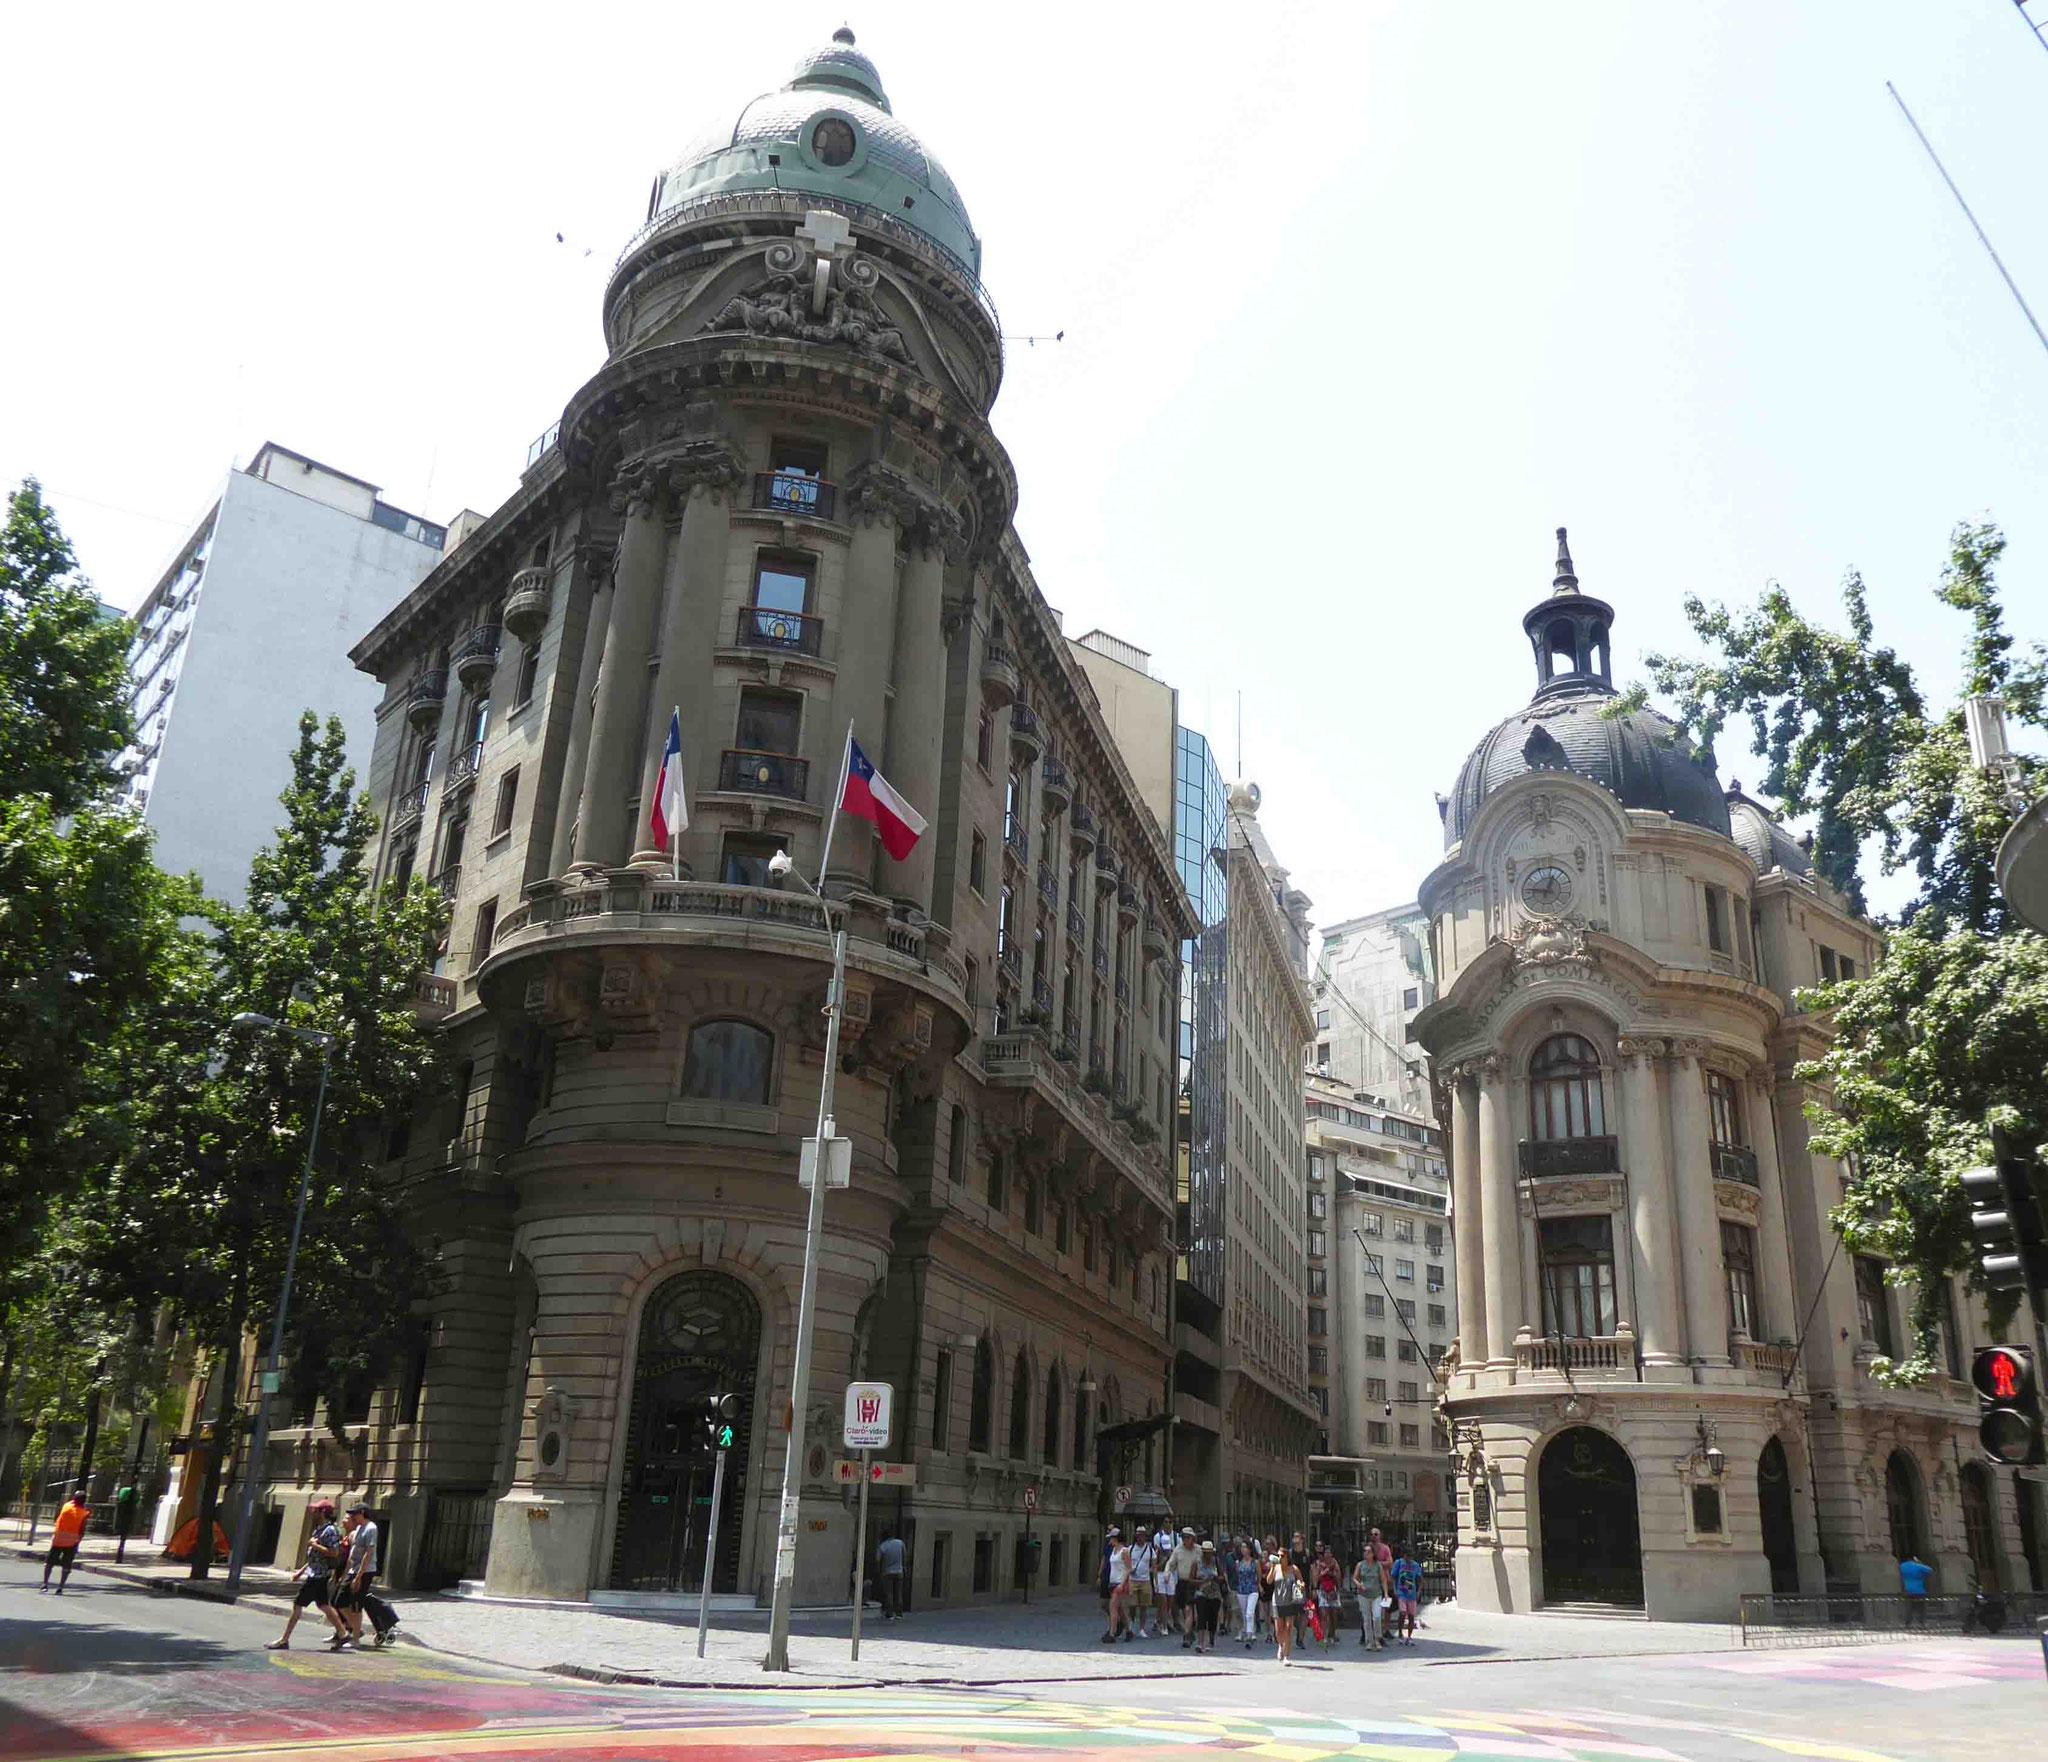 Architecture remarquable au coeur de Santiago